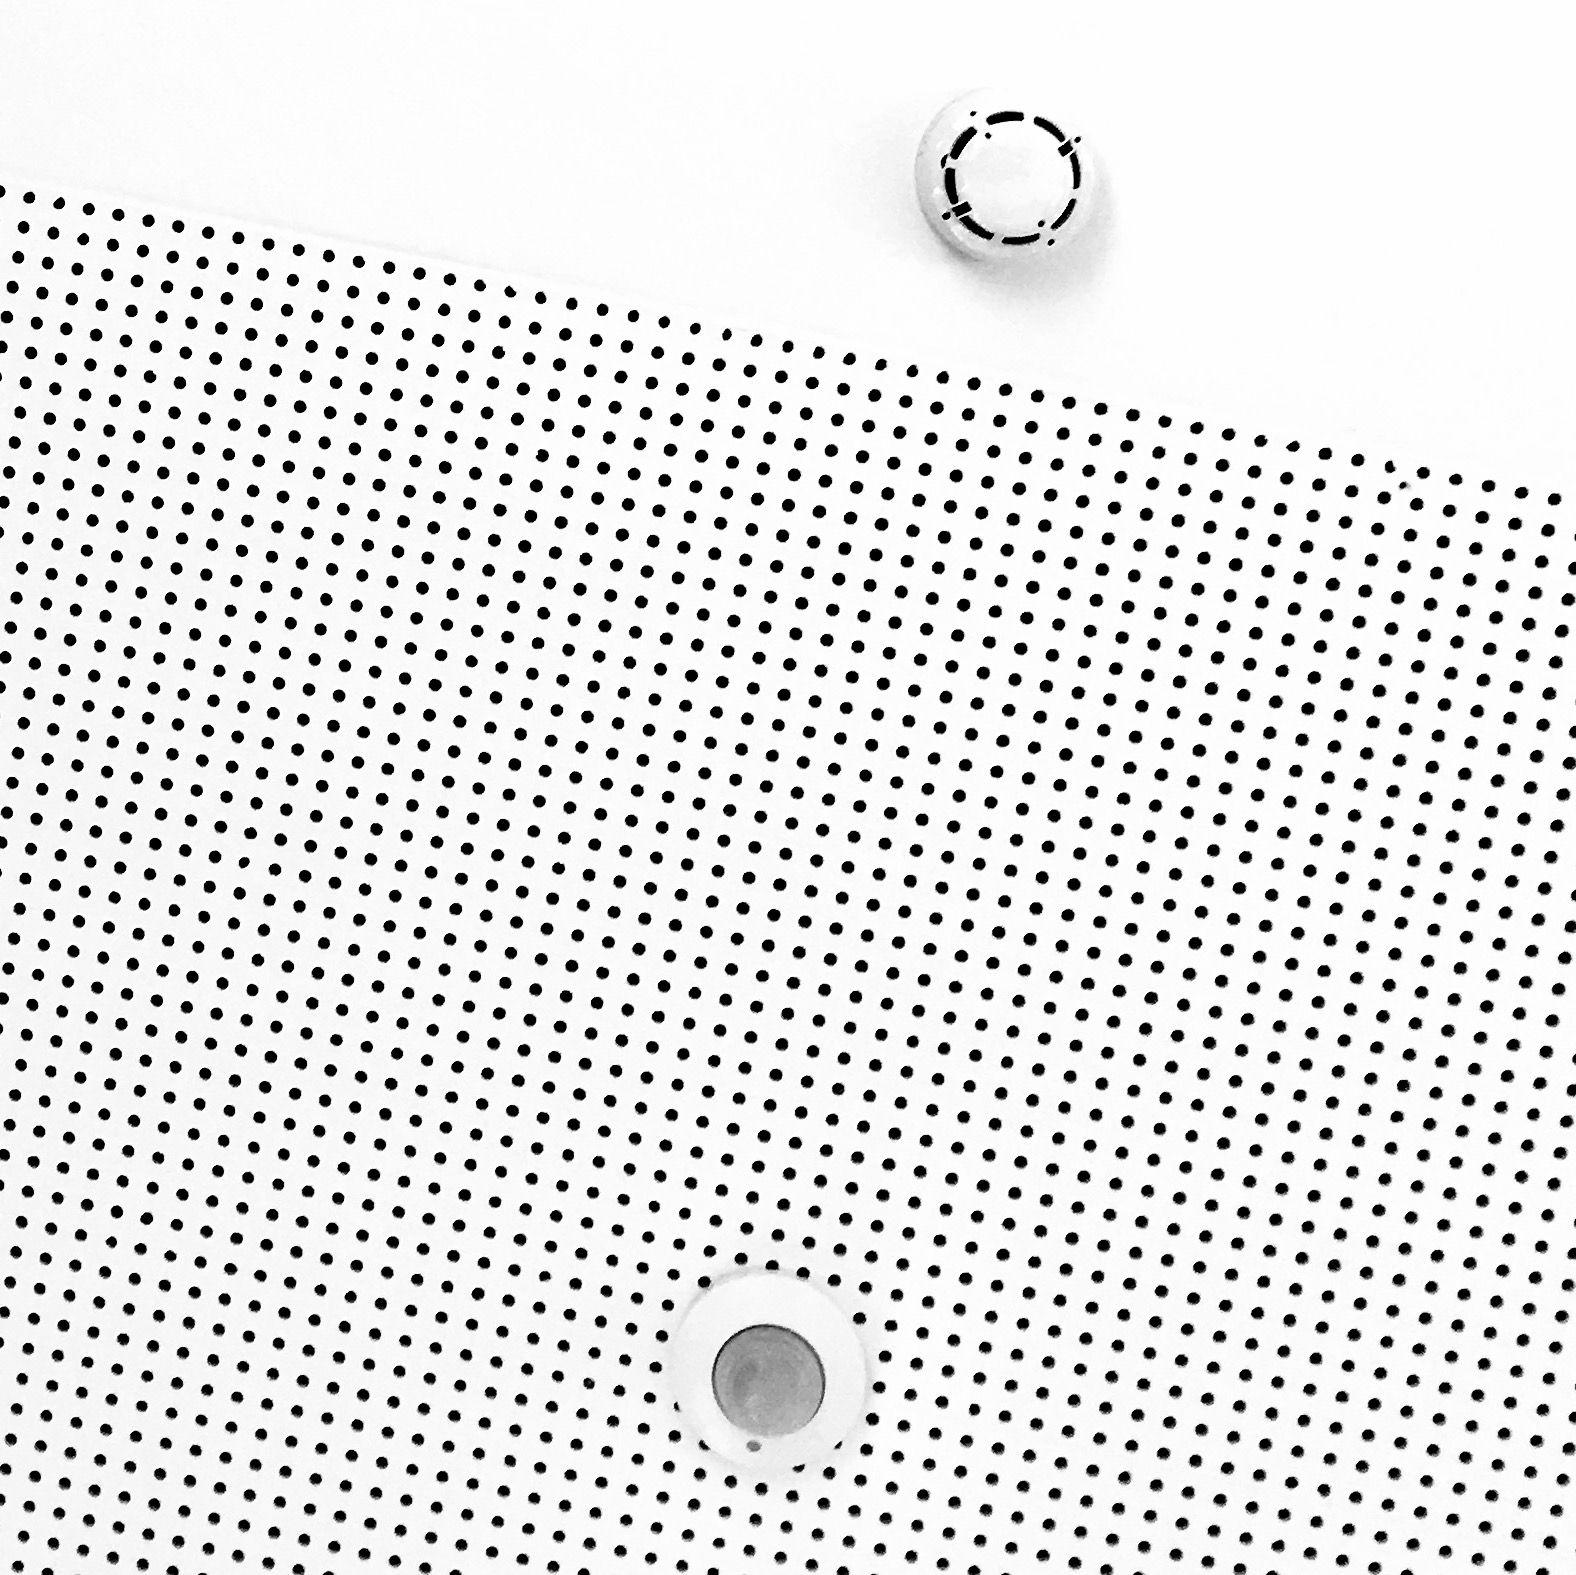 Heel veel kleine punten op een plafond. Twee grote punten die een schuine lijn vormen. Het is een asymmetrische compositie.